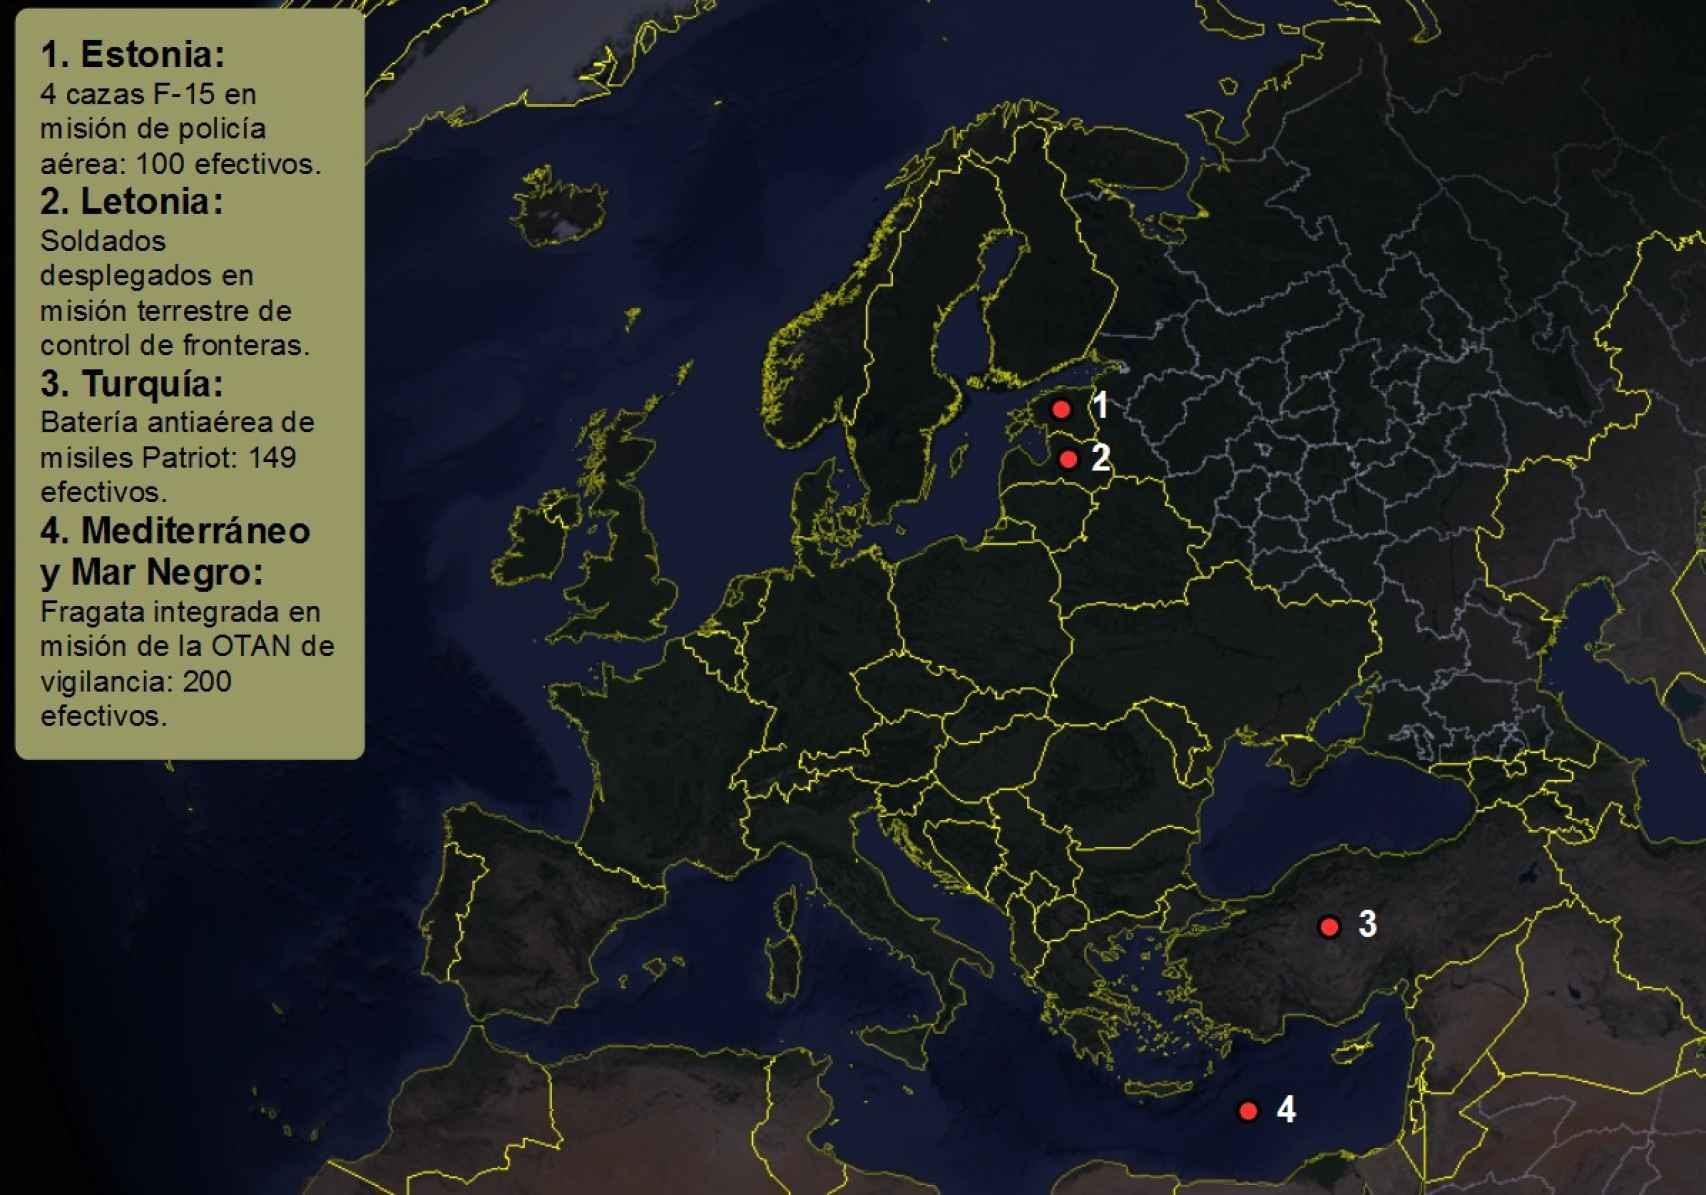 Mapa del despliegue de las tropas españolas que controlan los movimientos de Rusia.